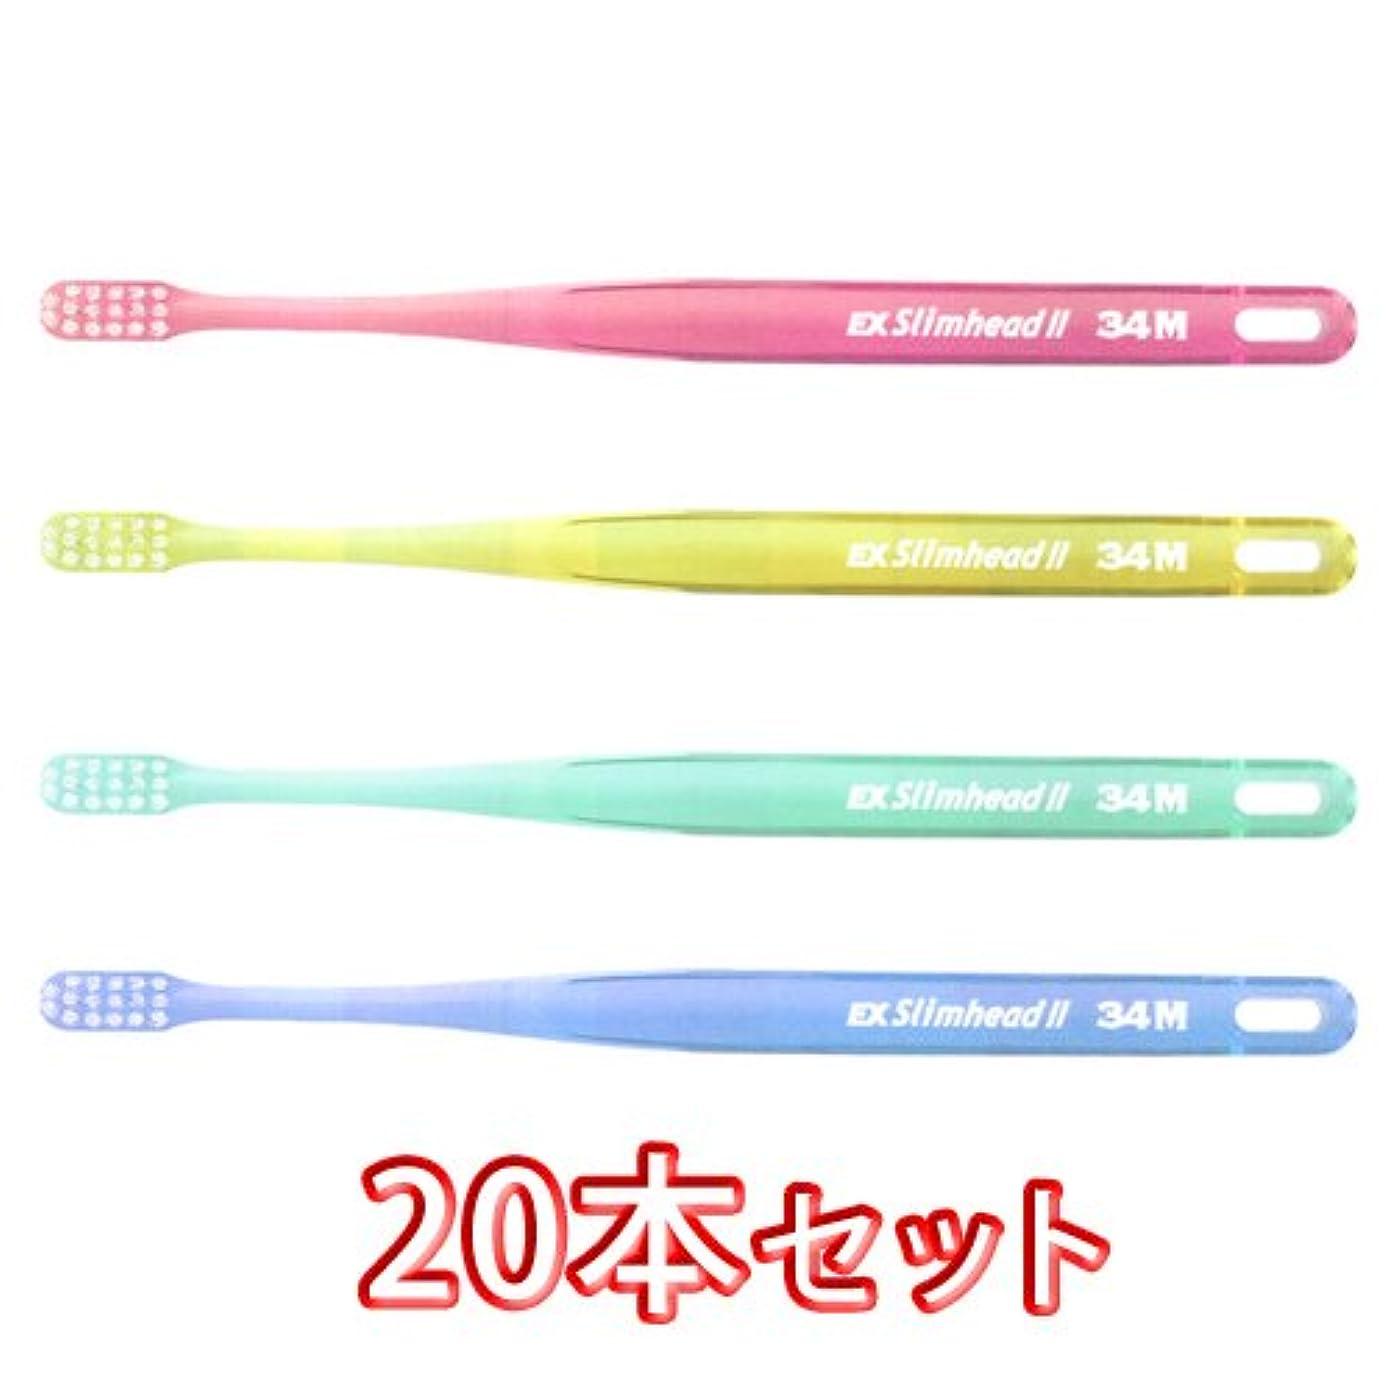 ブレスページ生産的ライオン スリムヘッド2 歯ブラシ DENT . EX Slimhead2 20本入 (34M)